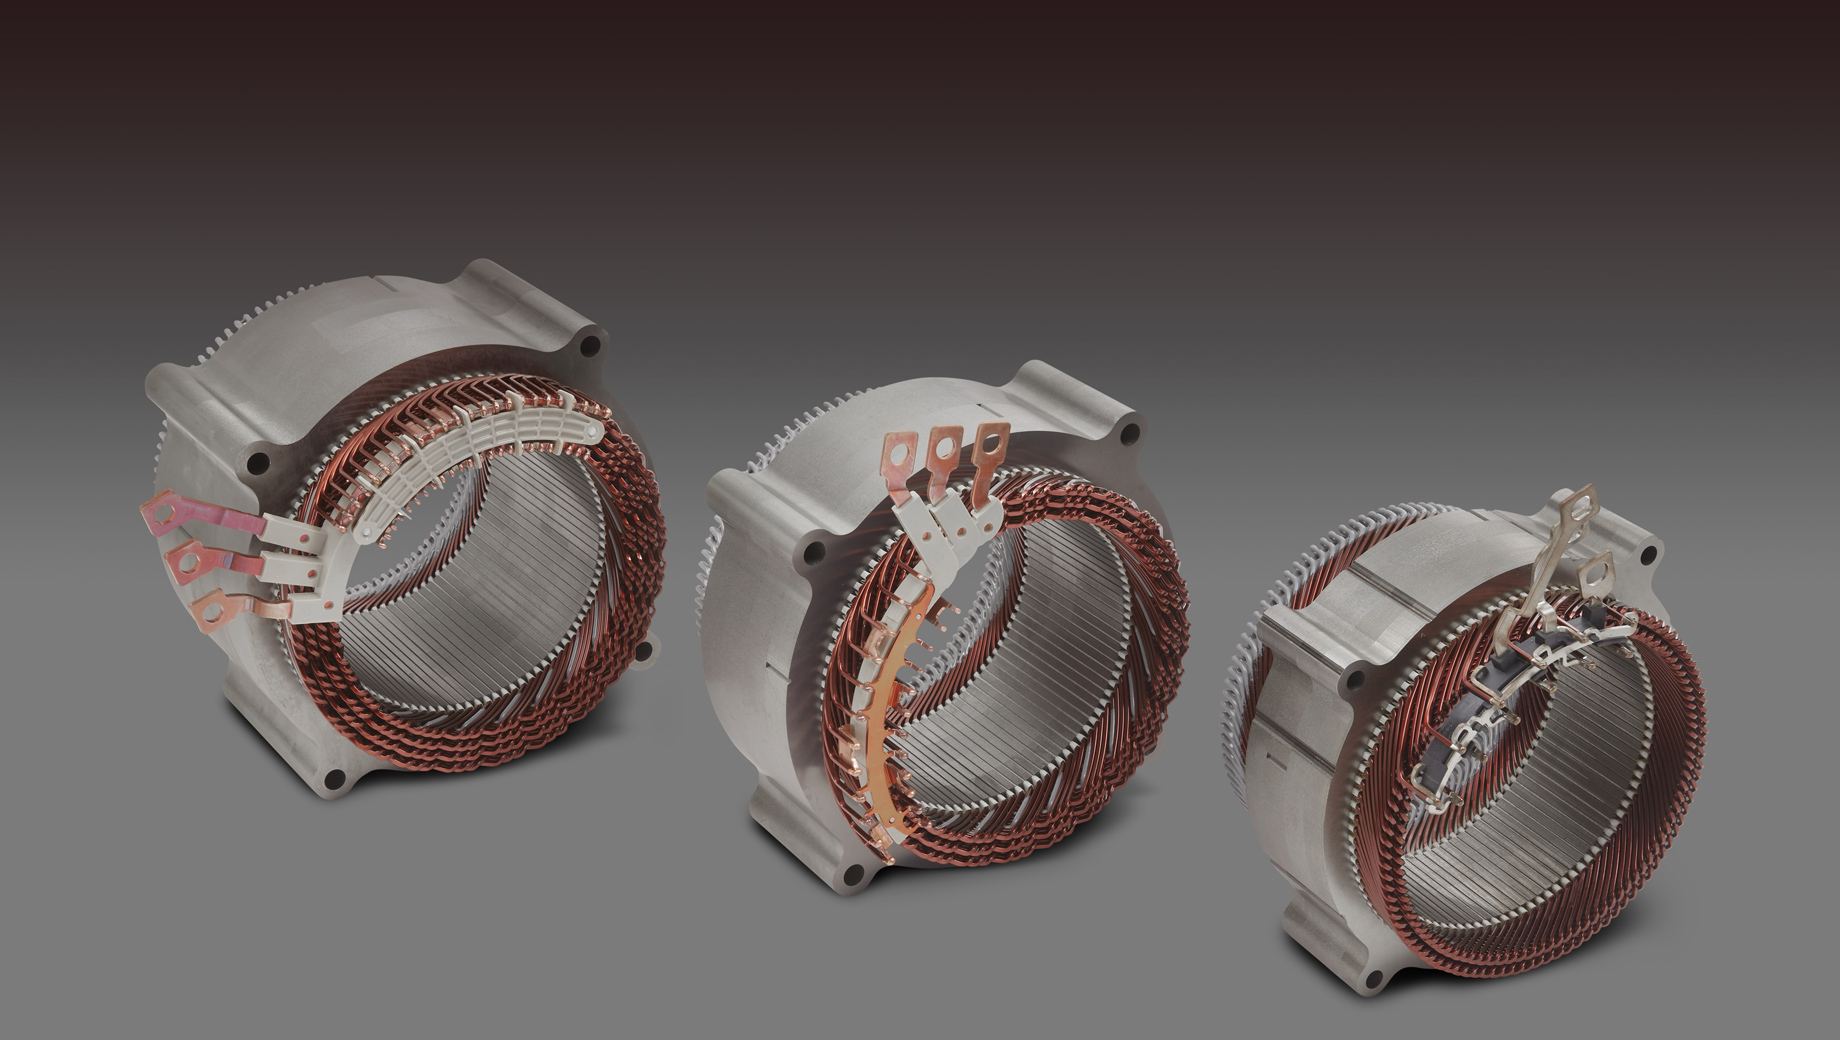 Gmc hummer ev,Chevrolet corvette,Chevrolet corvette zr1. Три базовых мотора Ultium (тут показаны их статоры) имеют общие черты в конструкции, сходные инструменты и линии для производства.